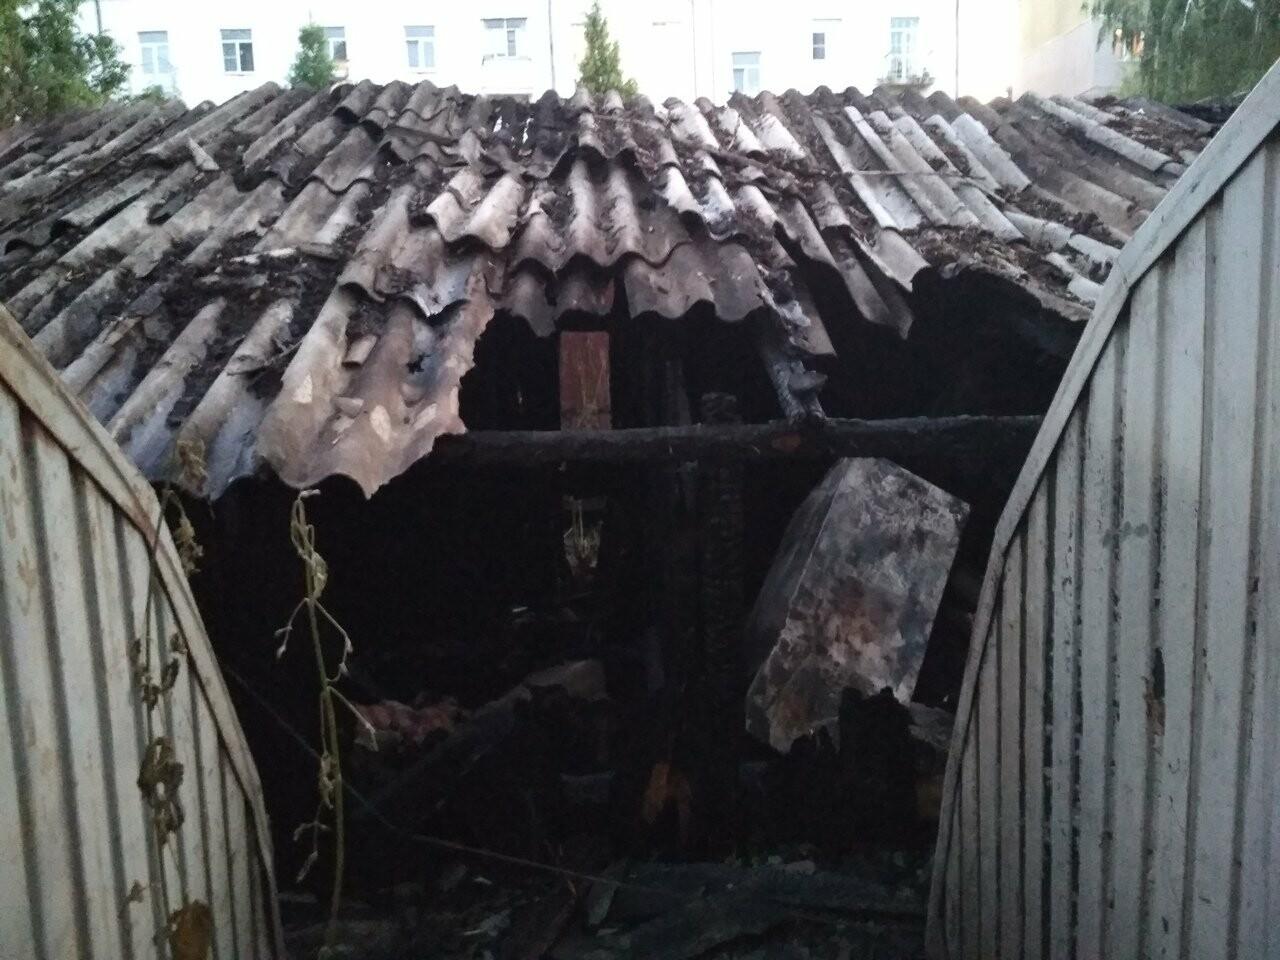 В Тамбове сгорели 16 сараев из-за сжигания тополиного пуха. ВИДЕО, фото-3